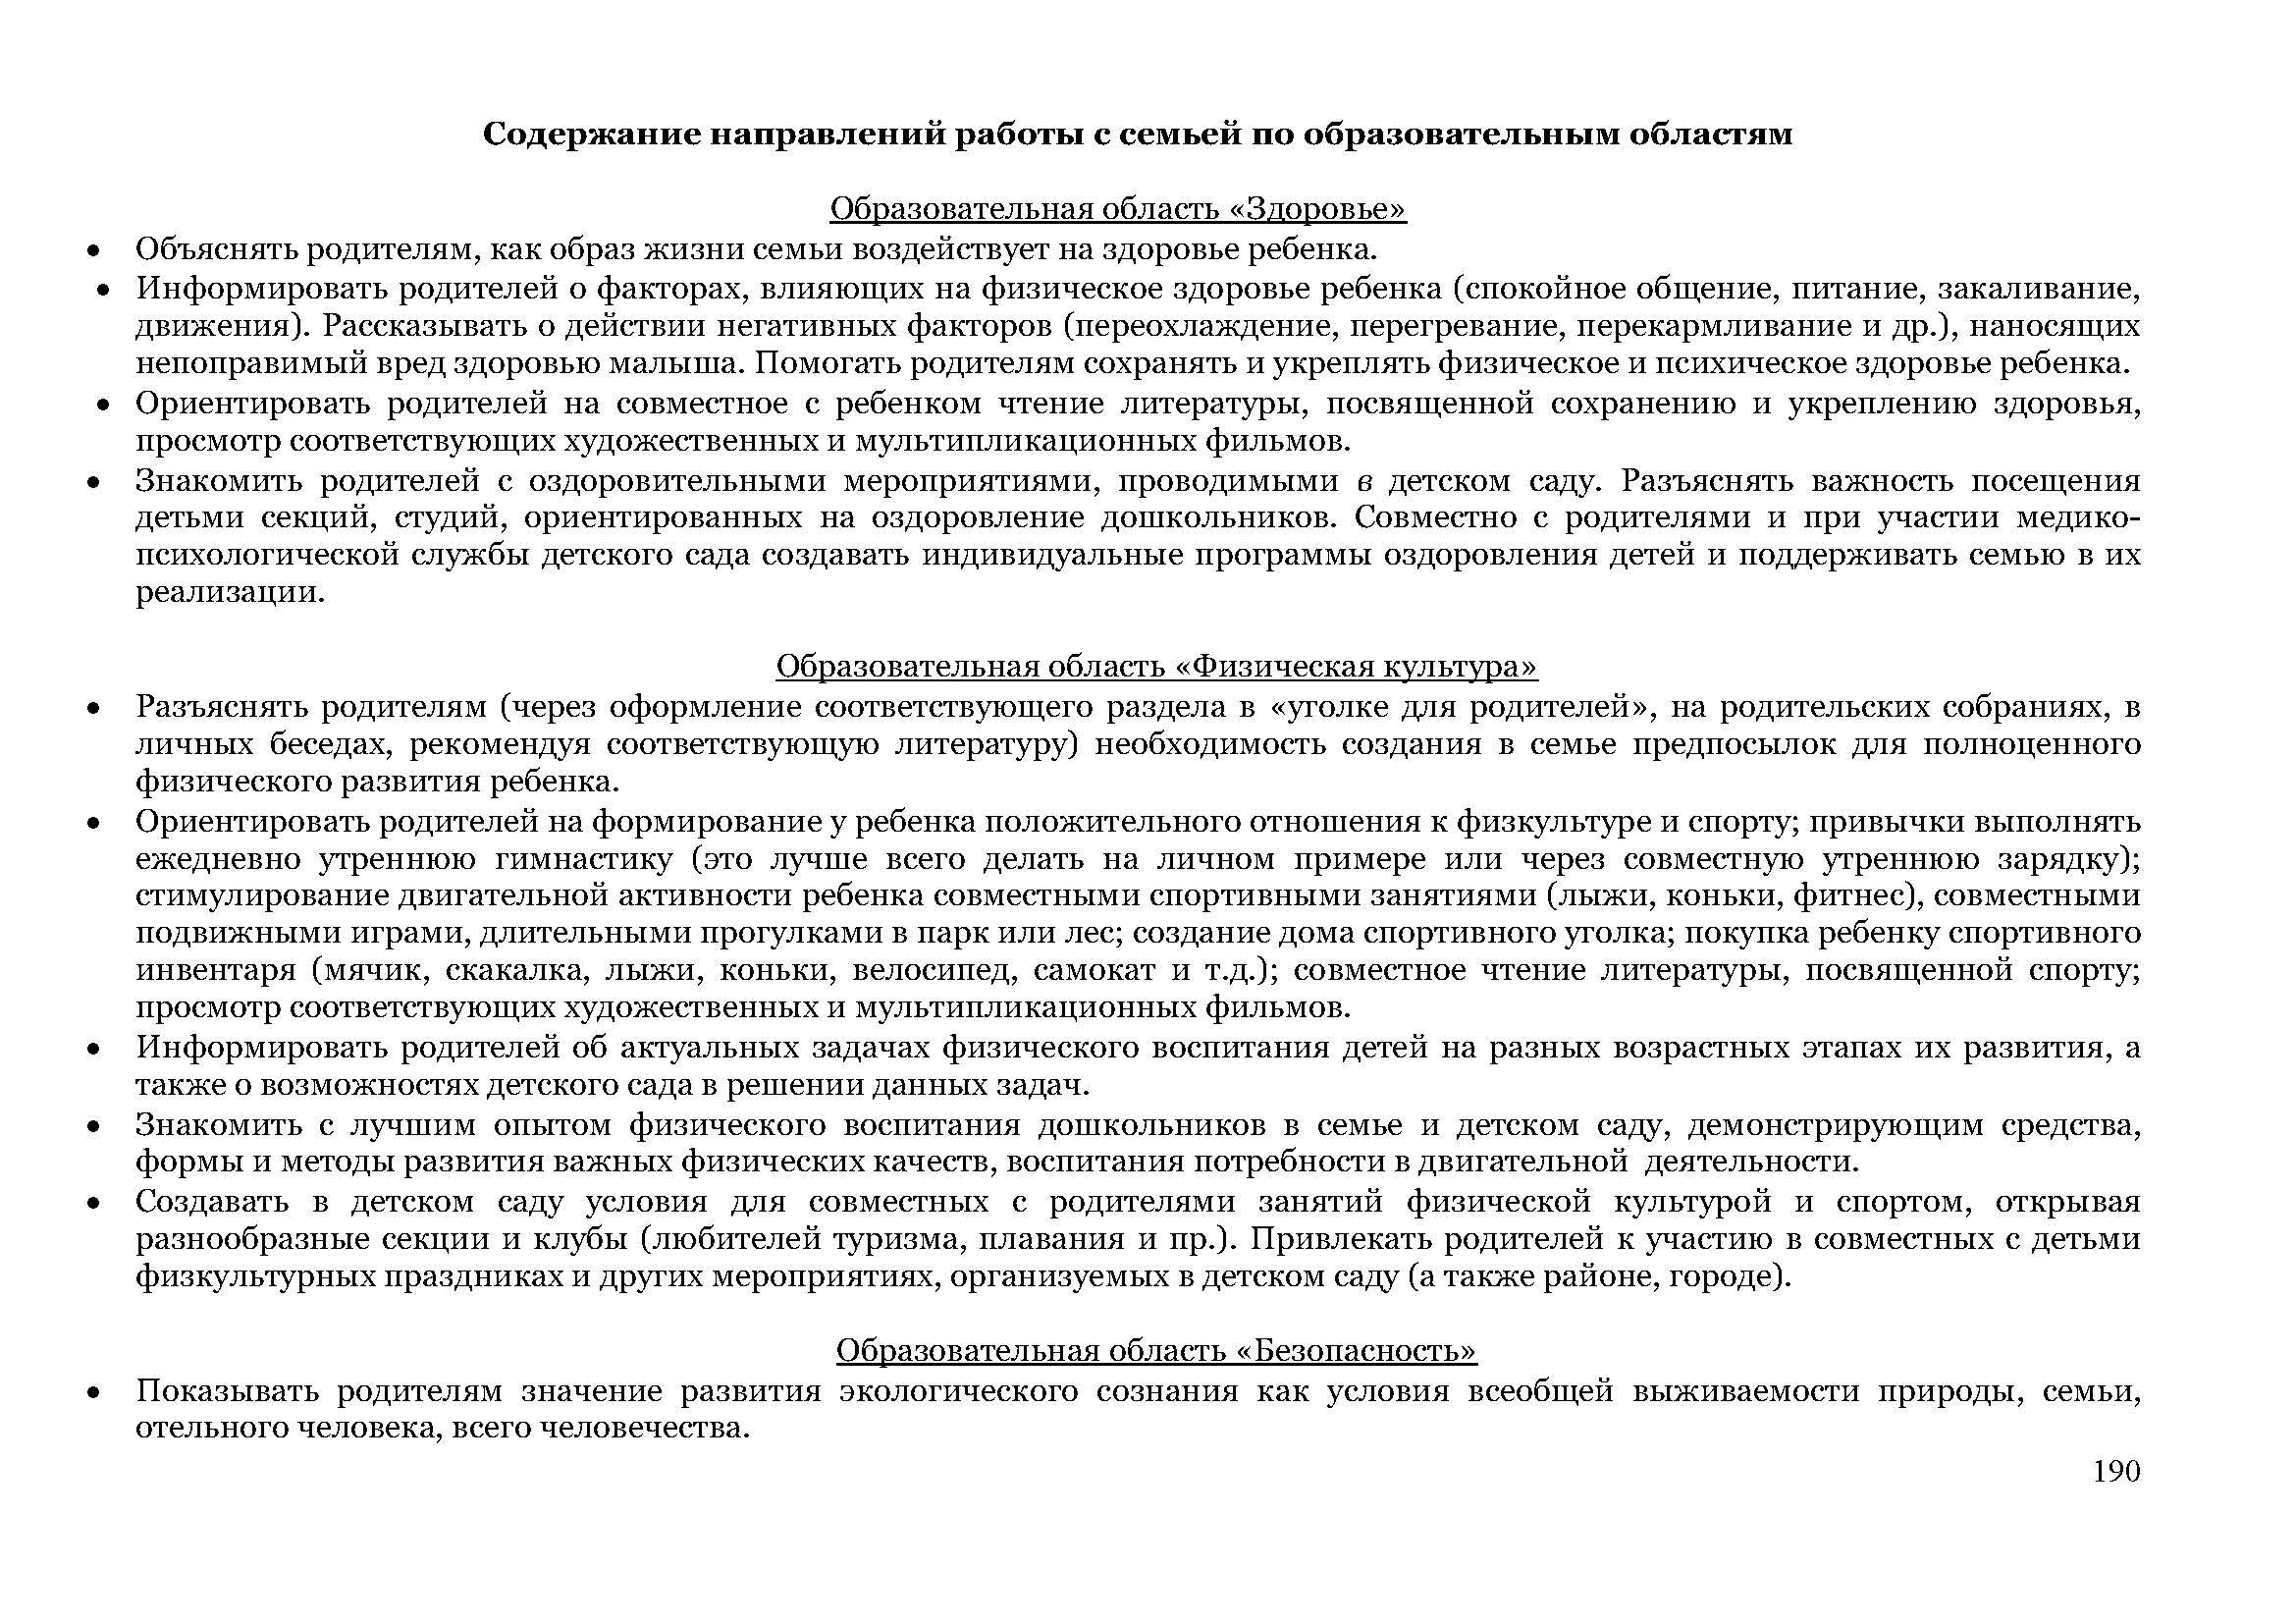 образовательная_программа_Страница_190